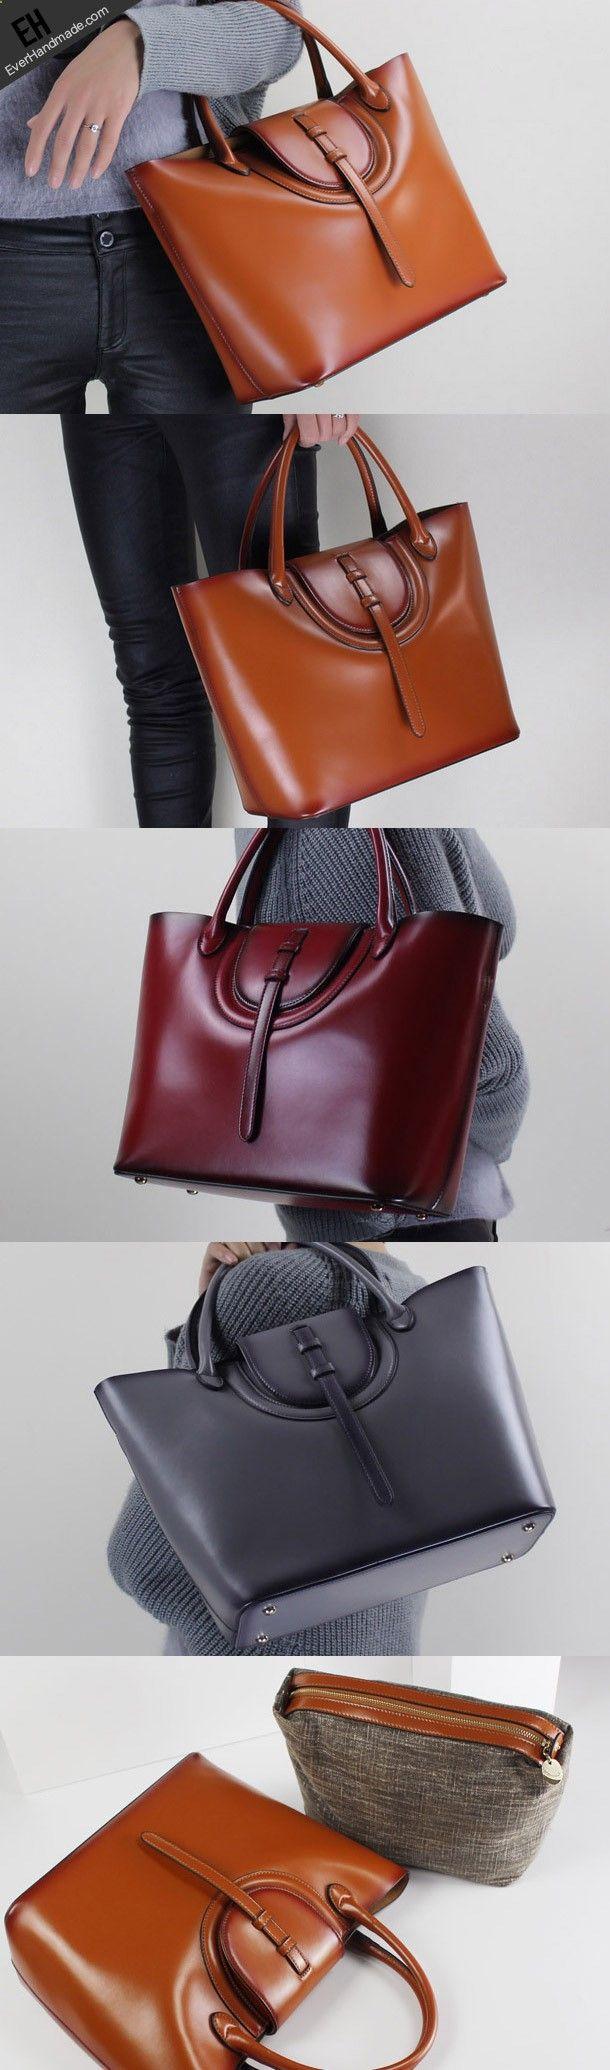 Leather handbag shoulder bag brown black Gray Red for women leather crossbody bag